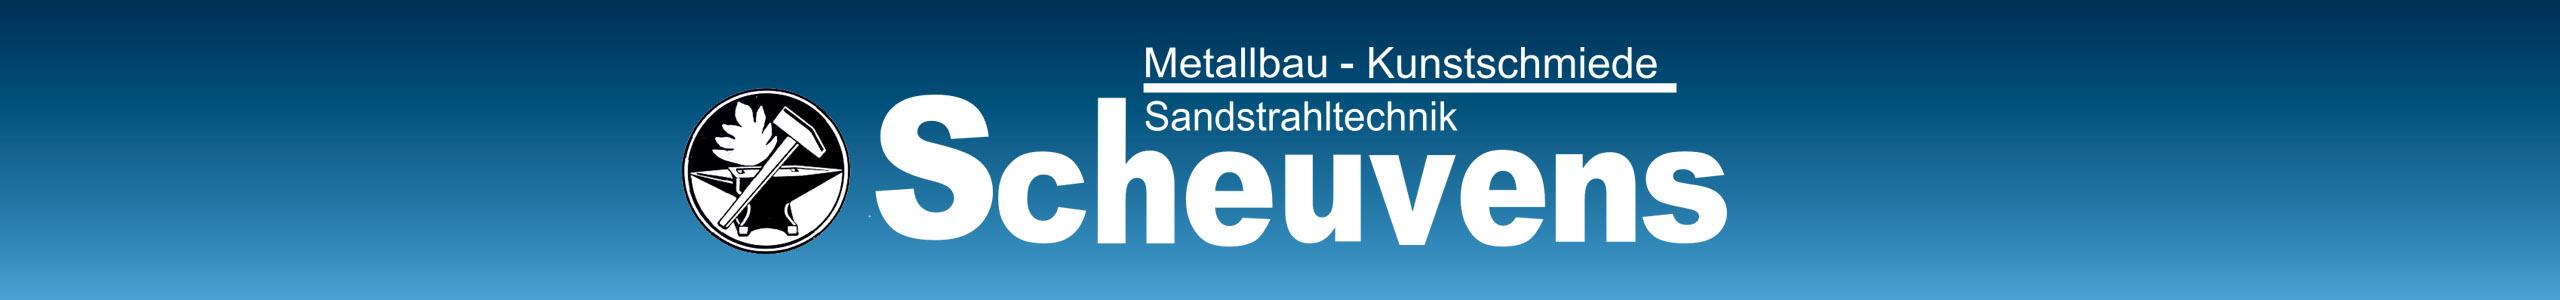 Metallbau Scheuvens